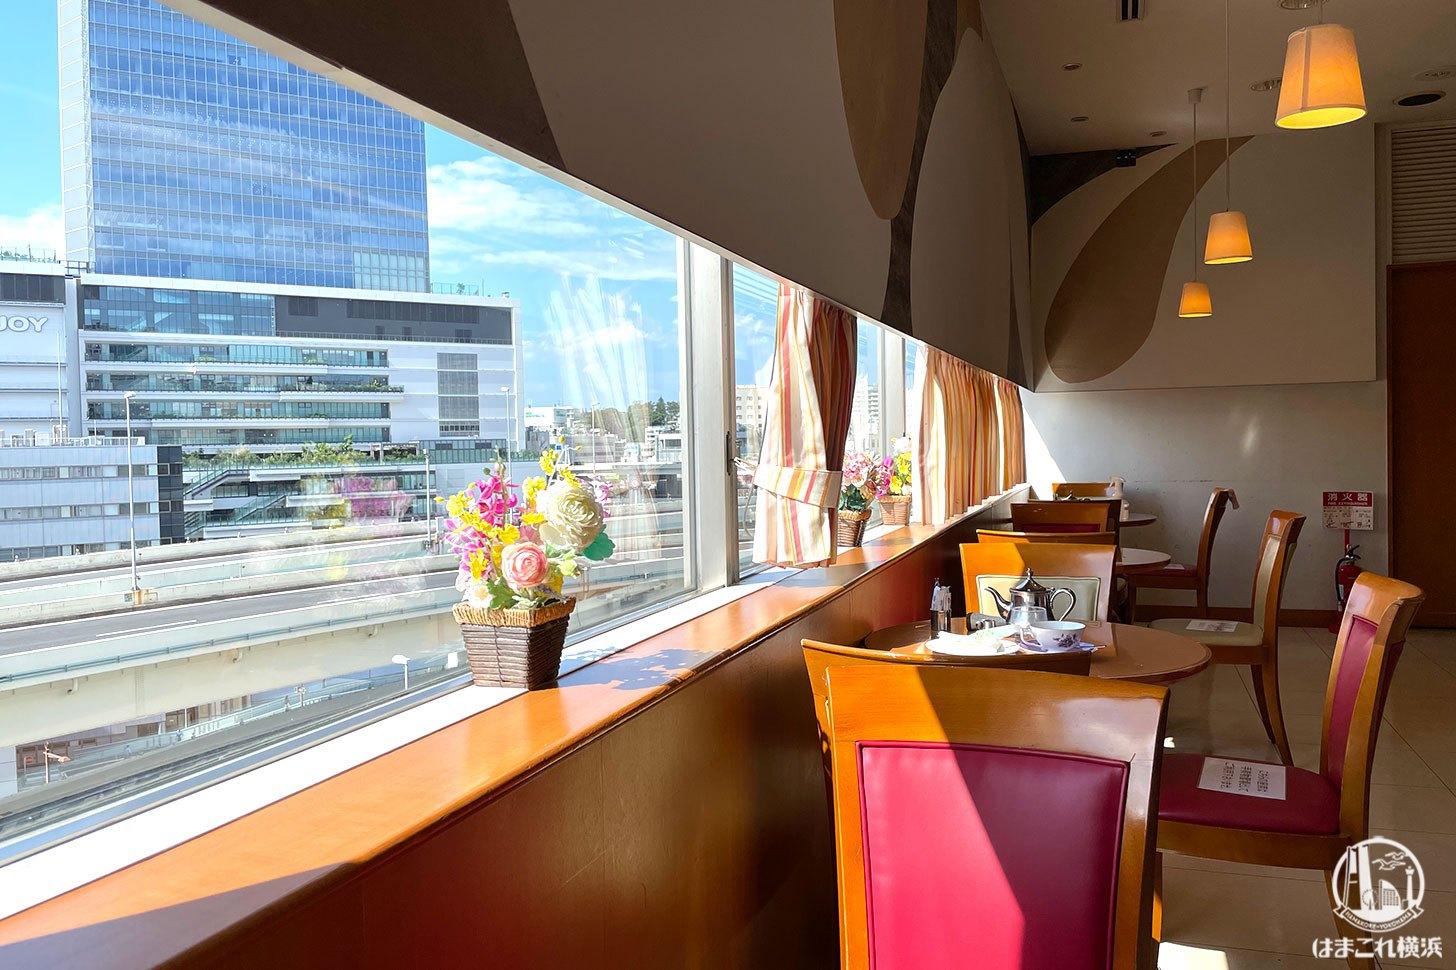 カフェメディオそごう横浜店は眼下に首都高の開放的な眺望カフェだった!